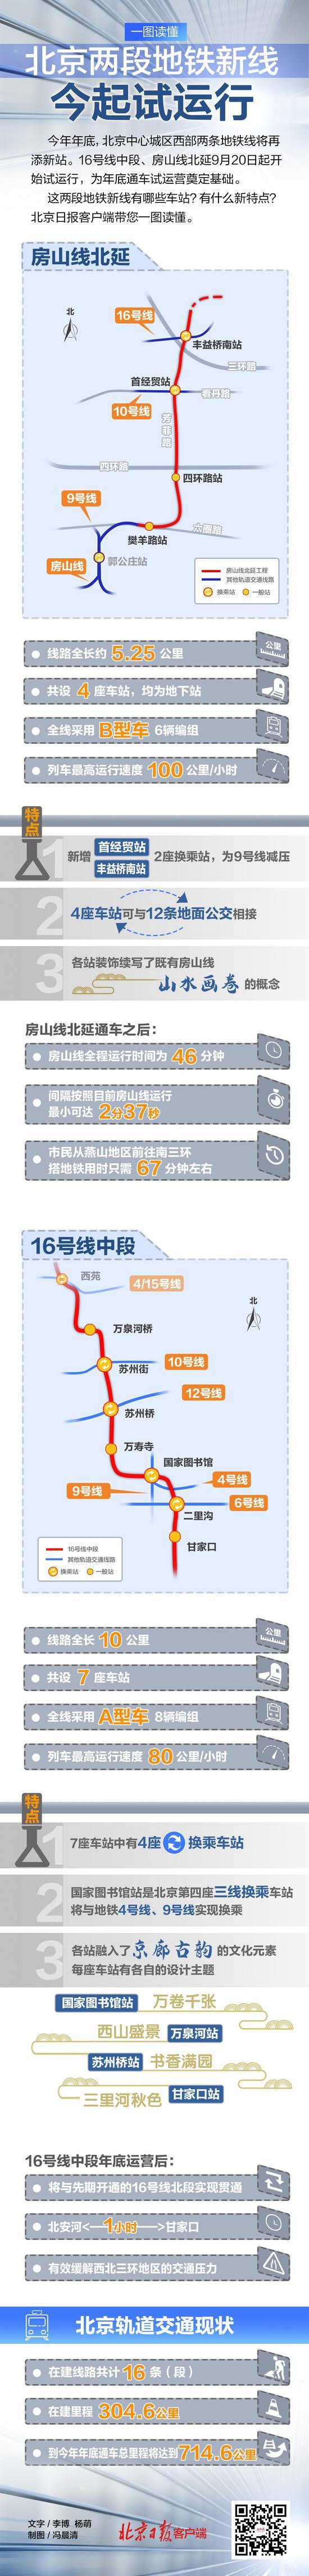 一图读懂:北京两段地铁试运行,通过哪里?有哪些亮点?图片